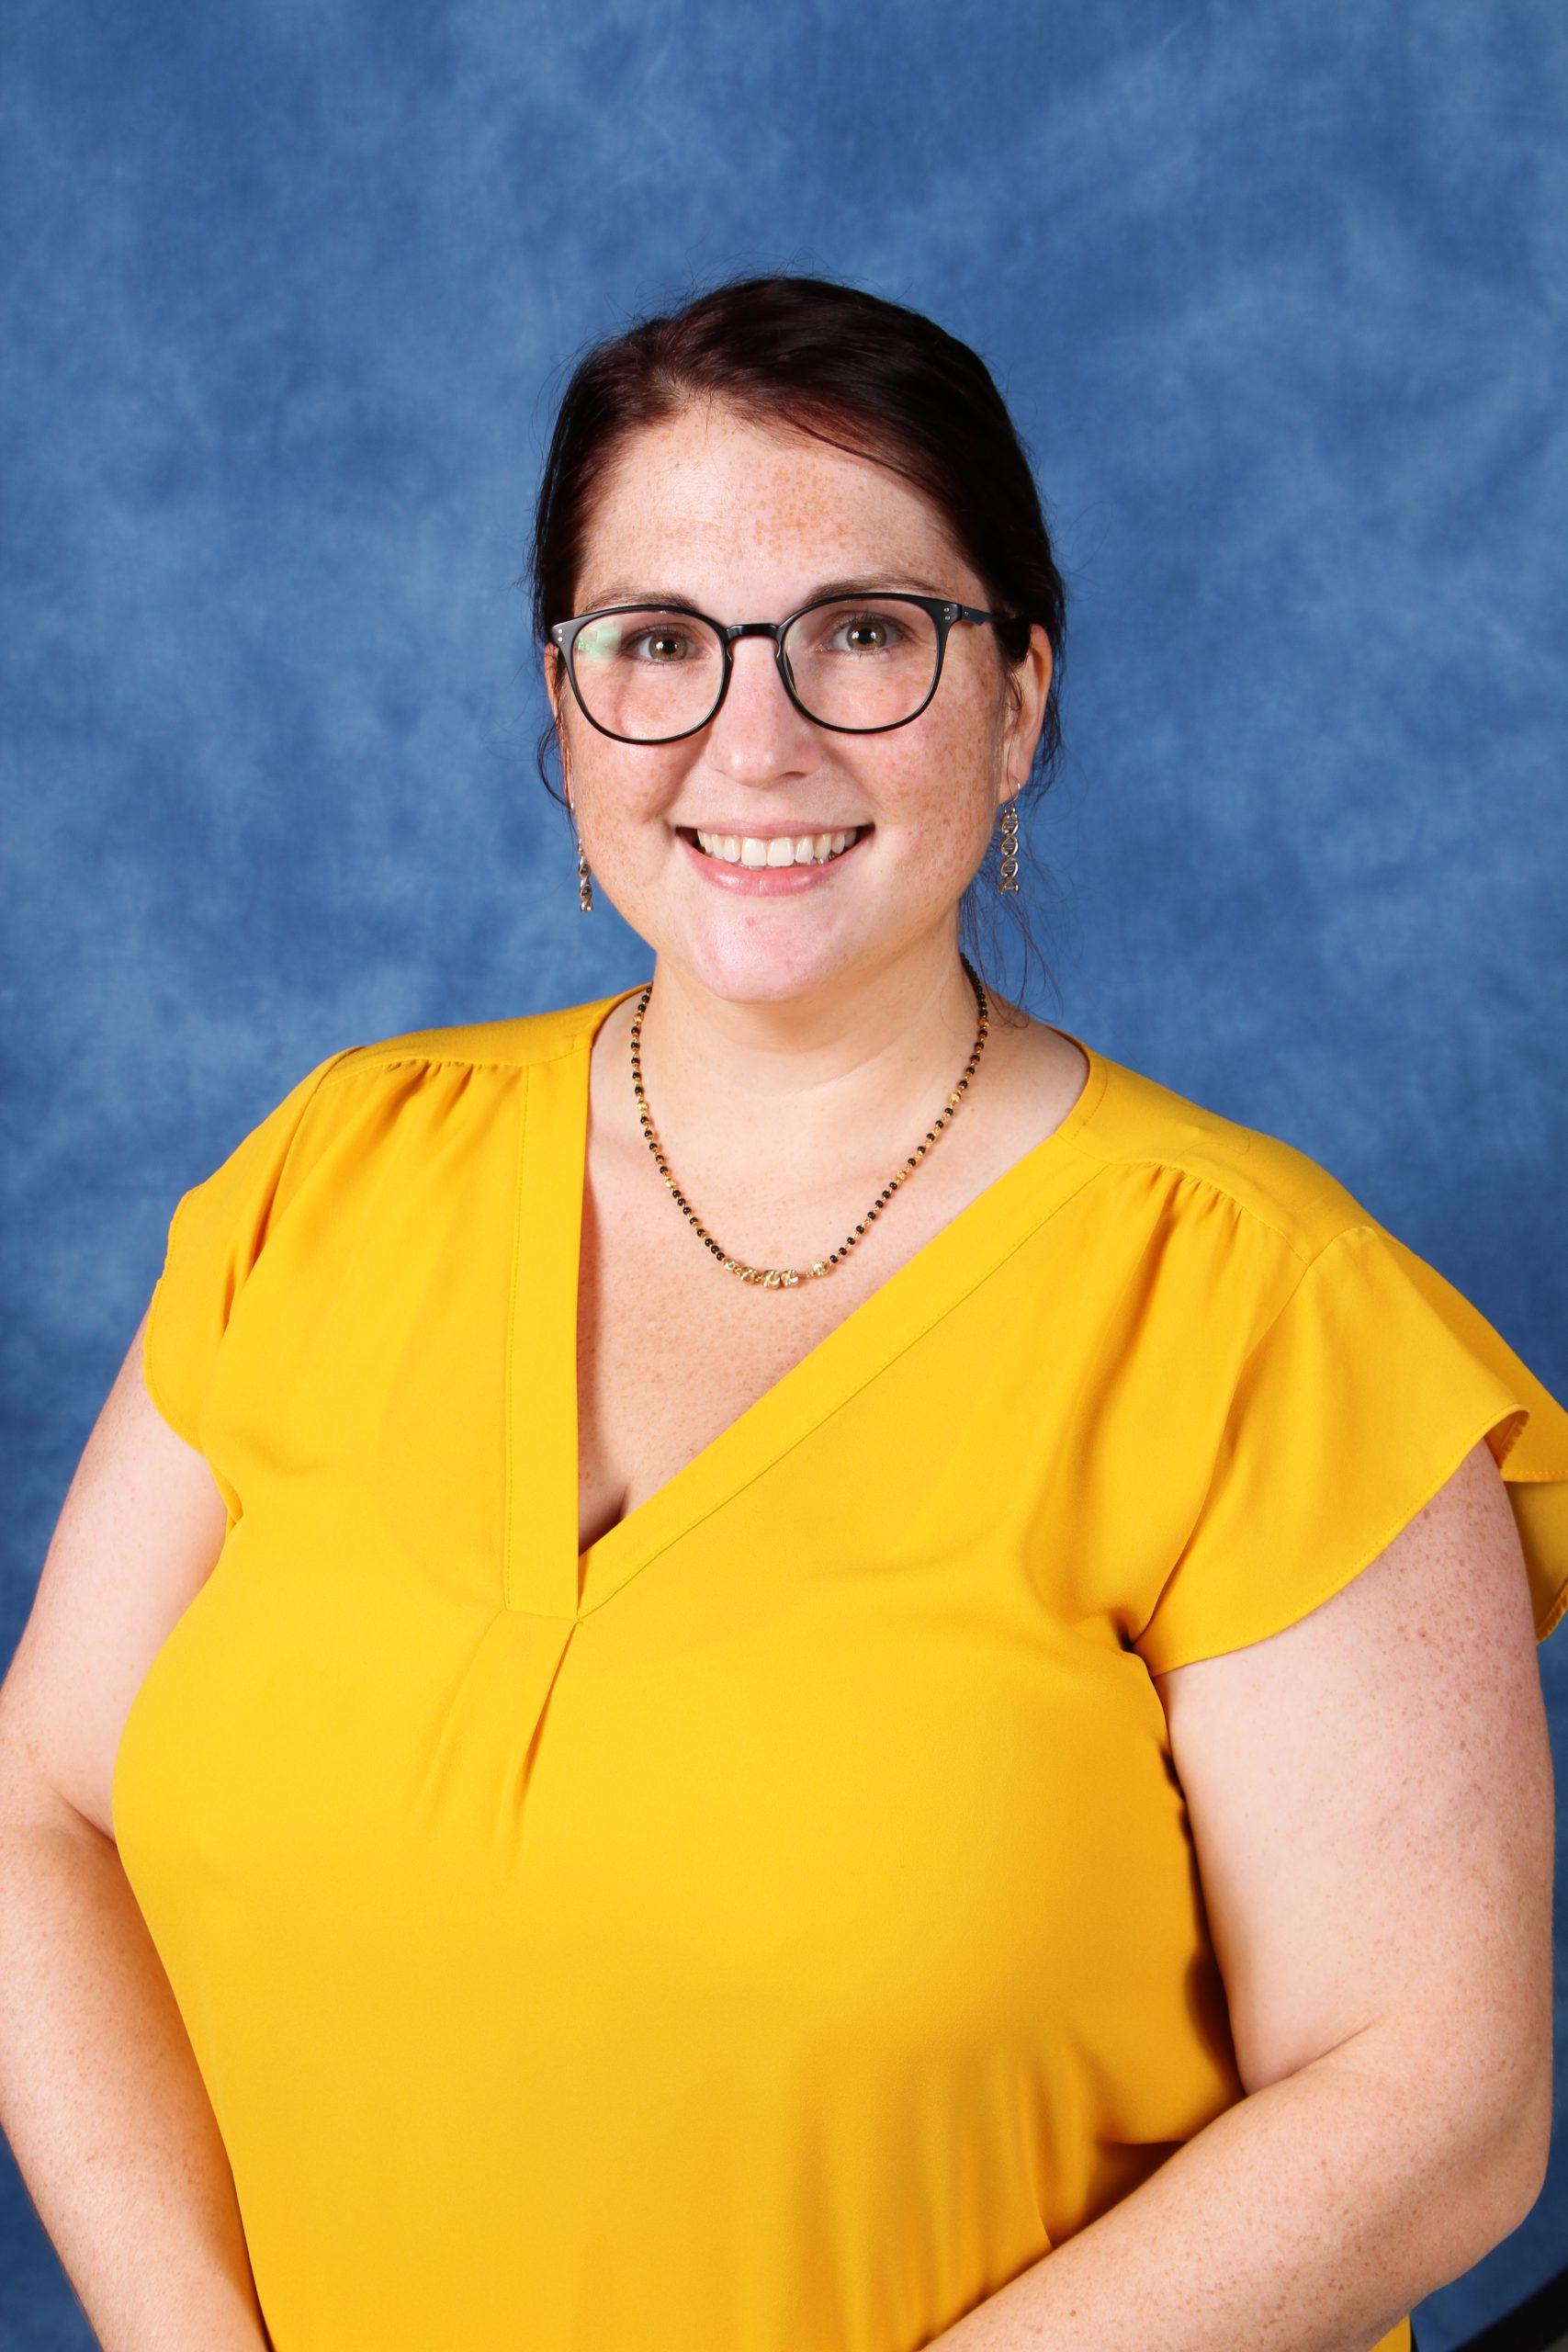 Sarah Kumar